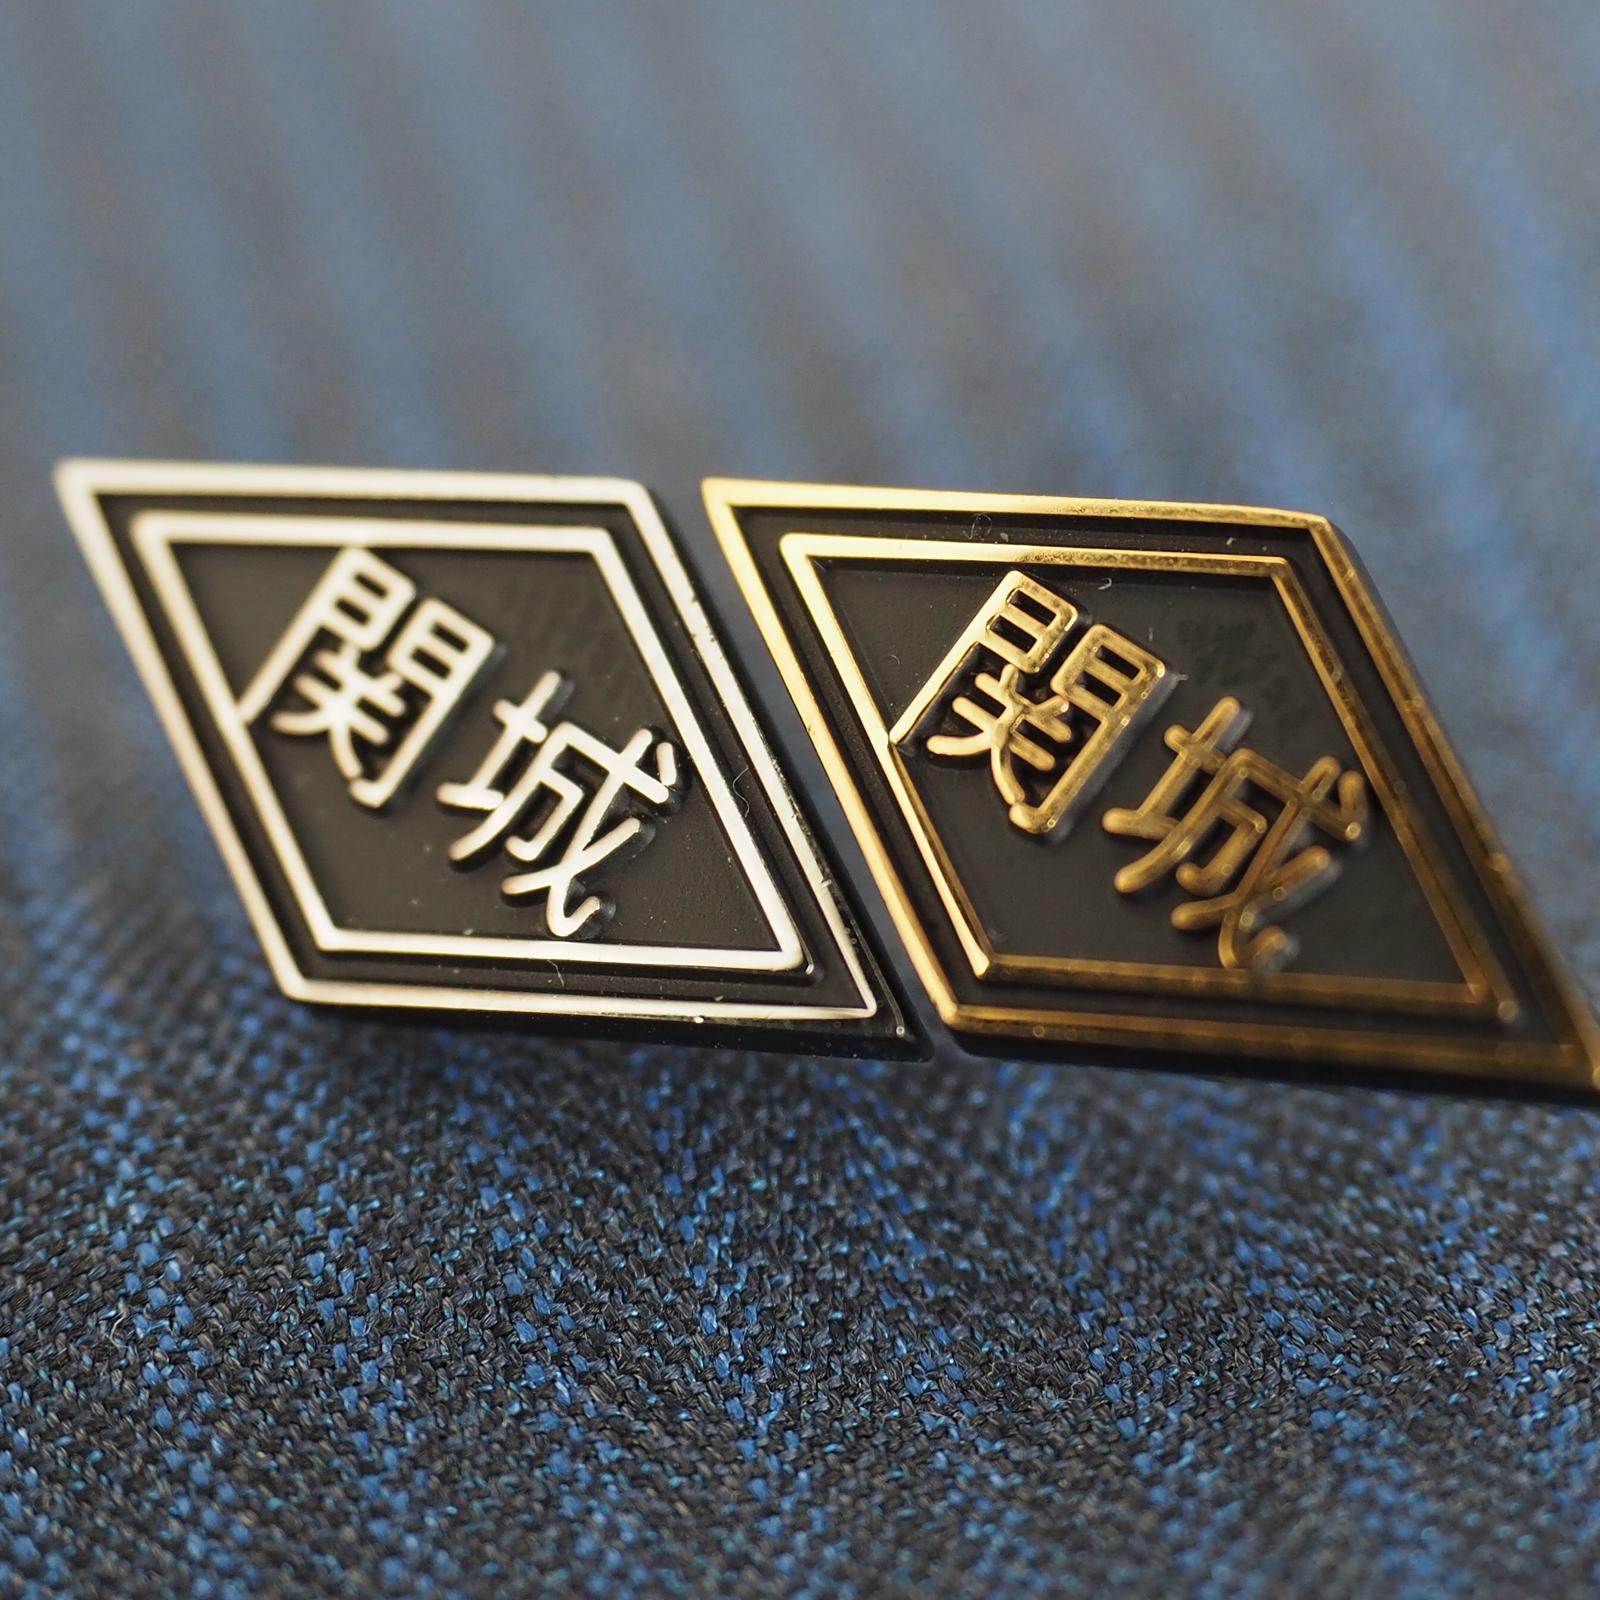 社章 ある会社 ない会社 社章一覧 オリジナル オーダーメイド バッジ一覧 中小企業 社章発注 社章素材 スーツ